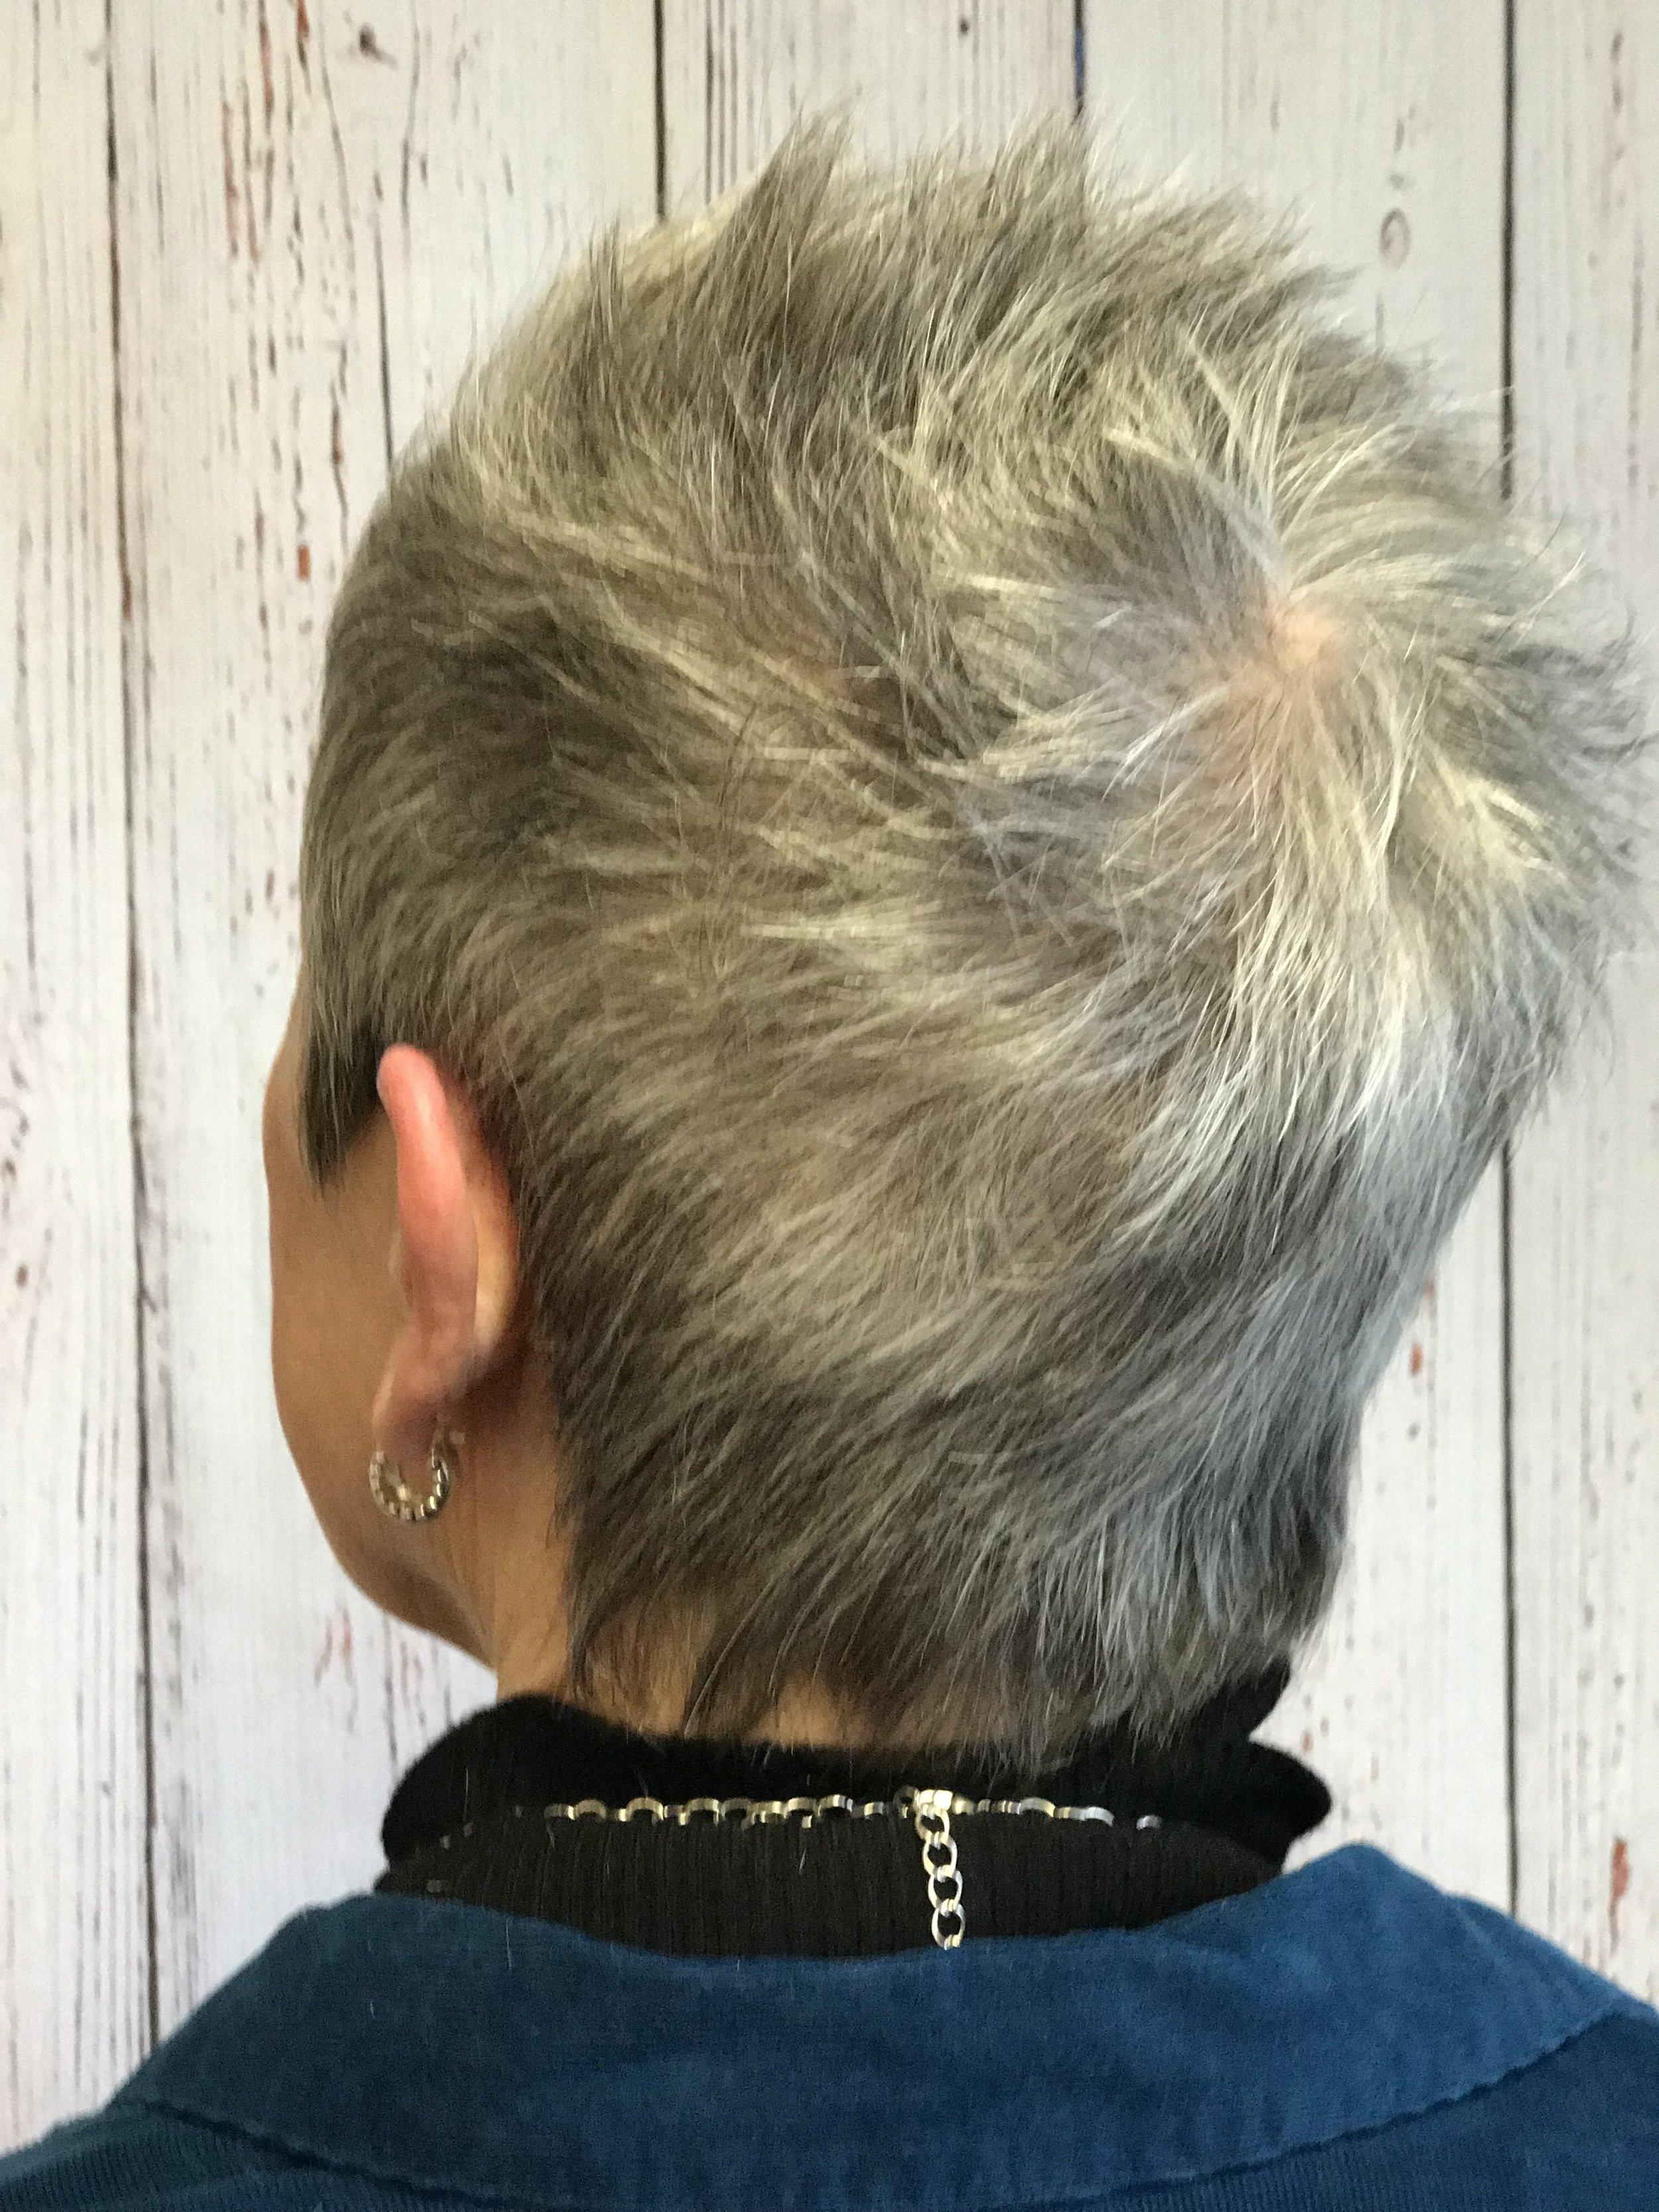 Short Hair Razor Cut Hair by Teri  (1).jpg